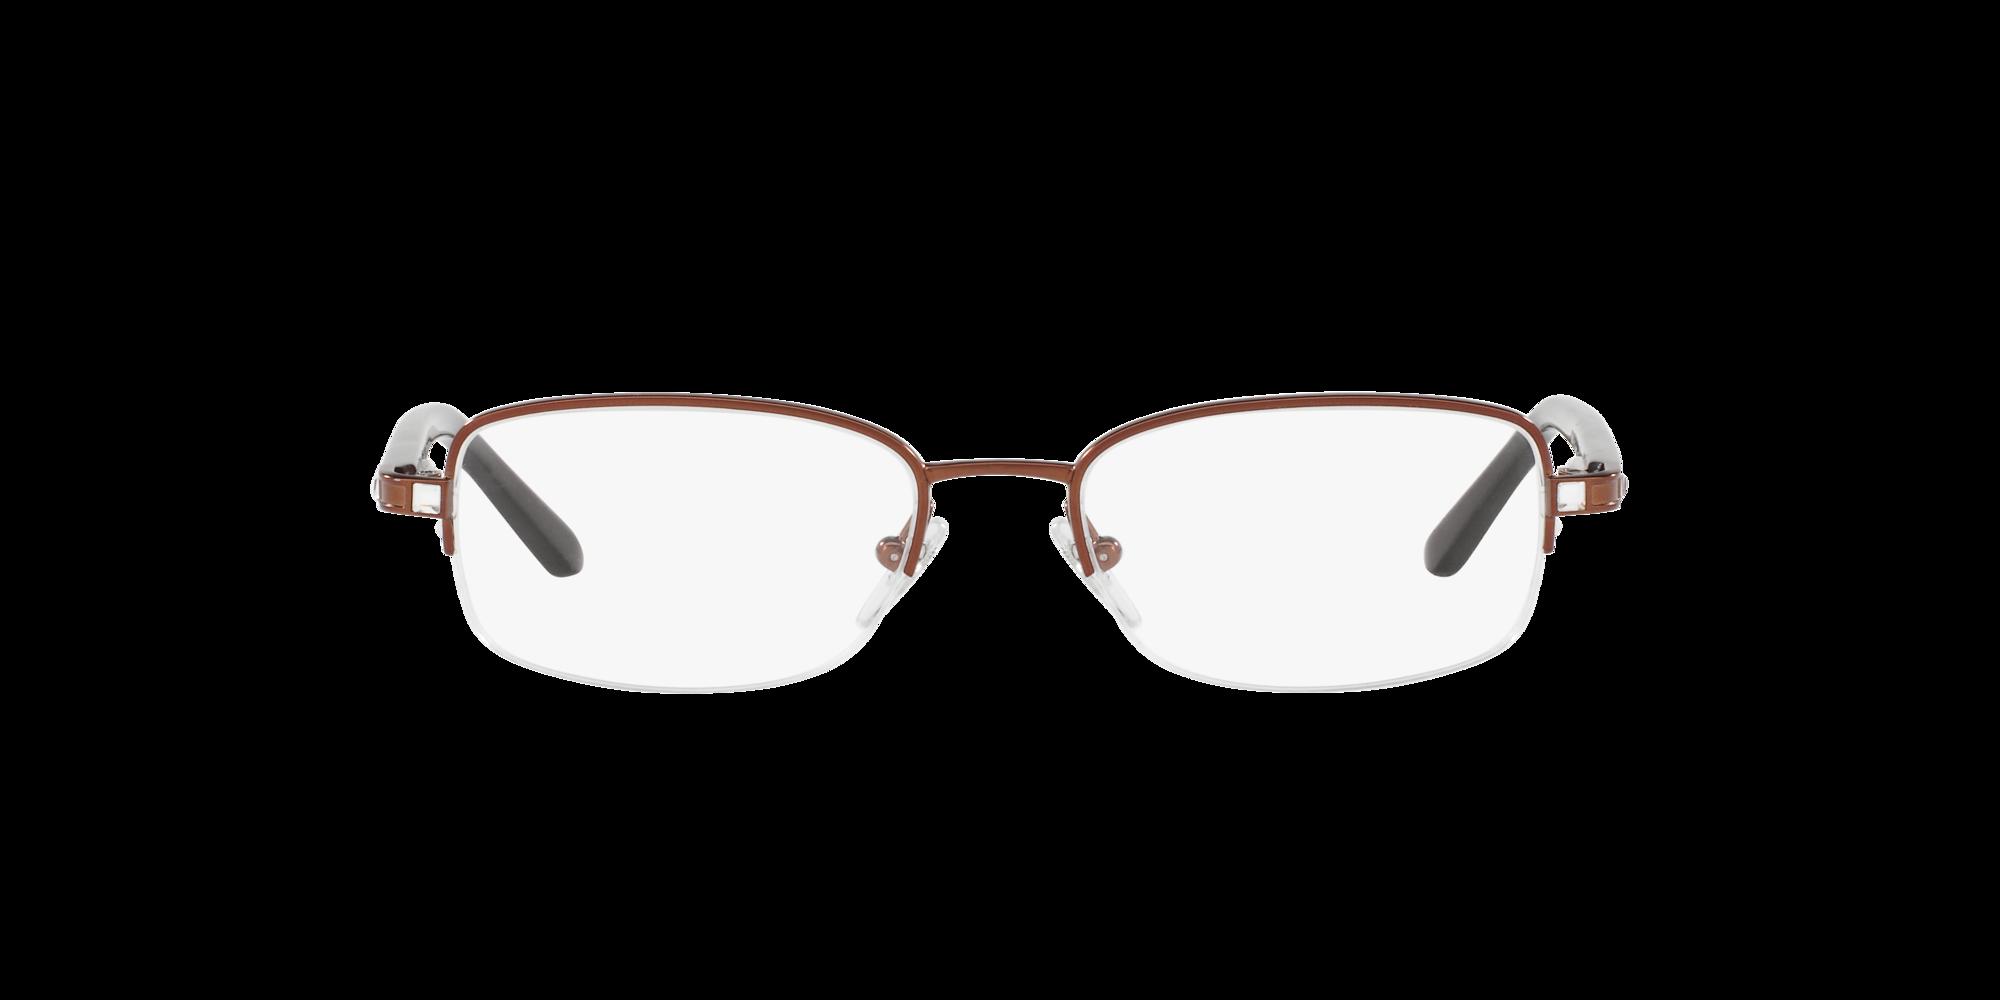 Imagen para SF2585B de LensCrafters |  Espejuelos, espejuelos graduados en línea, gafas